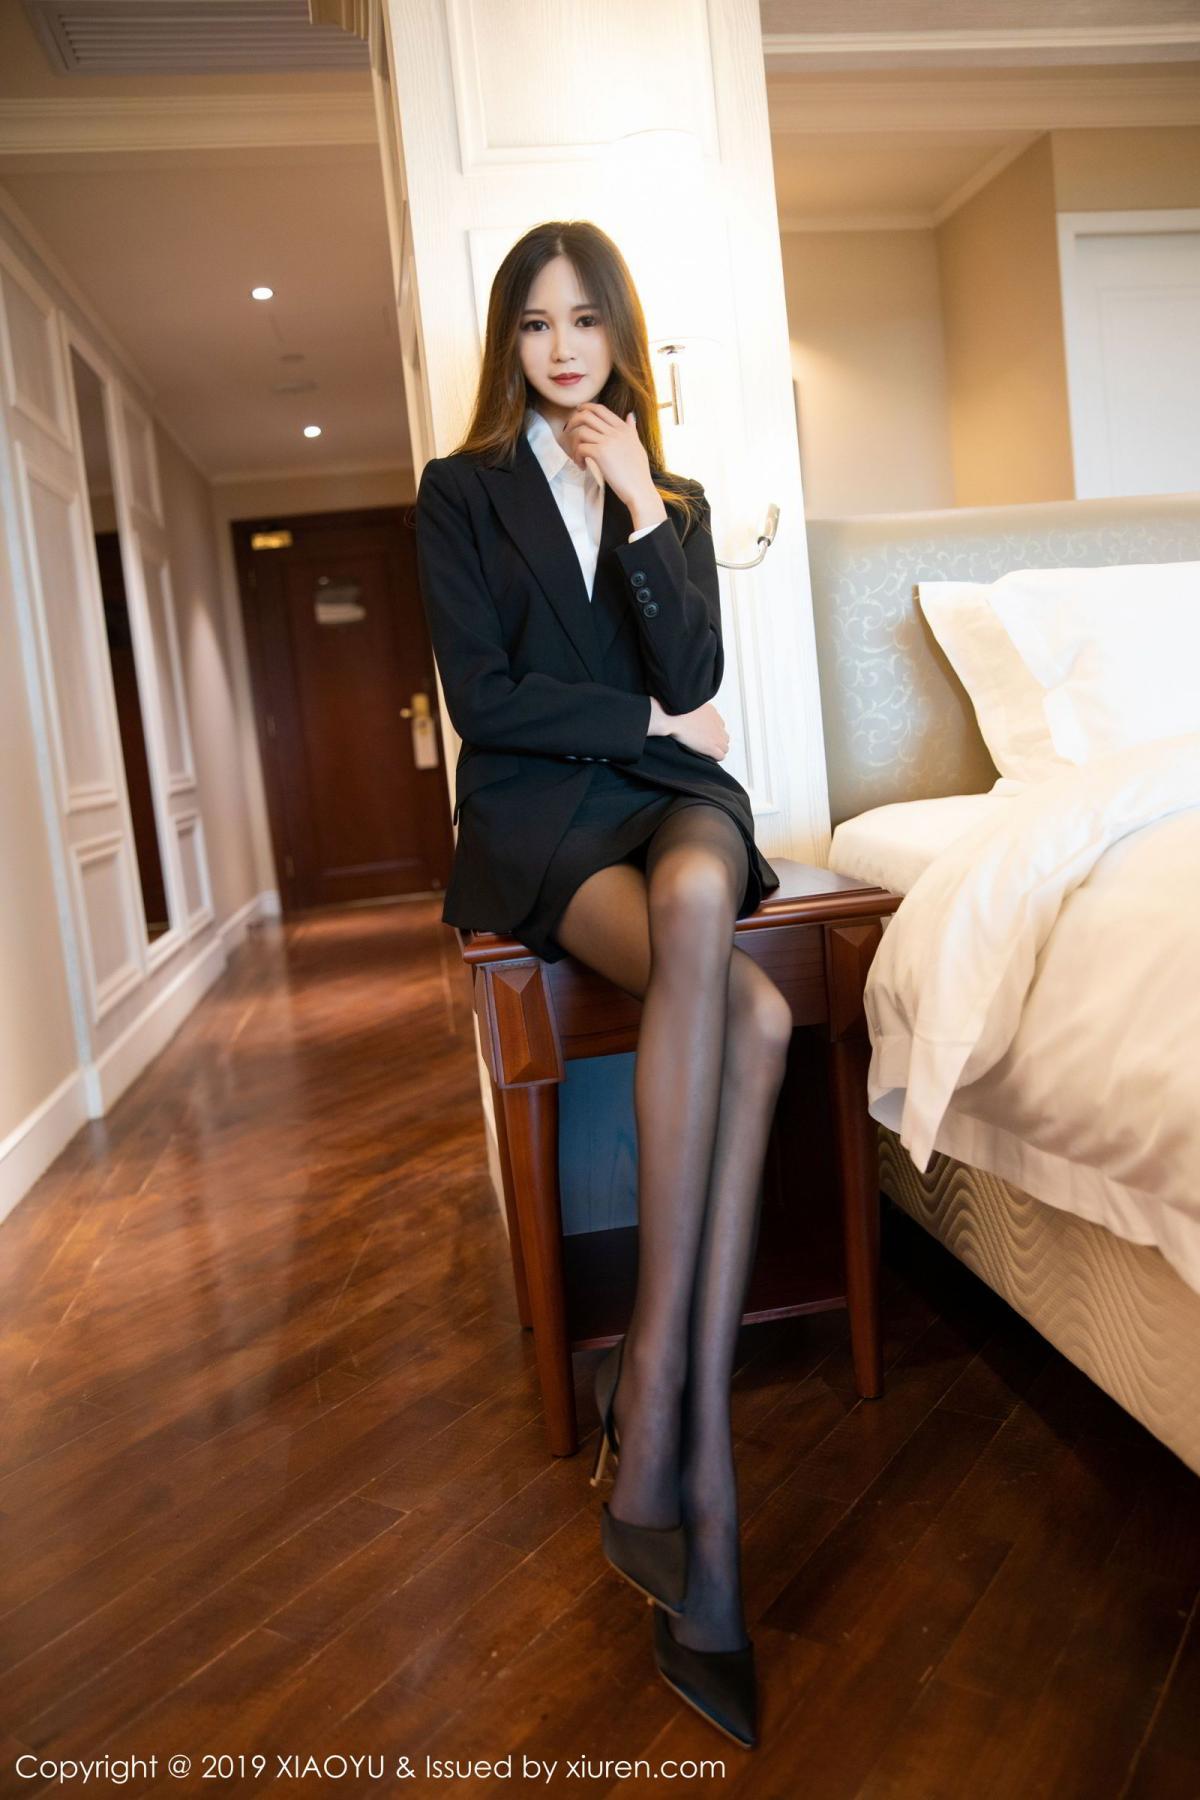 [XiaoYu] Vol.201 Cheng Cheng Cheng 9P, Black Silk, Cheng Cheng Cheng, Uniform, XiaoYu